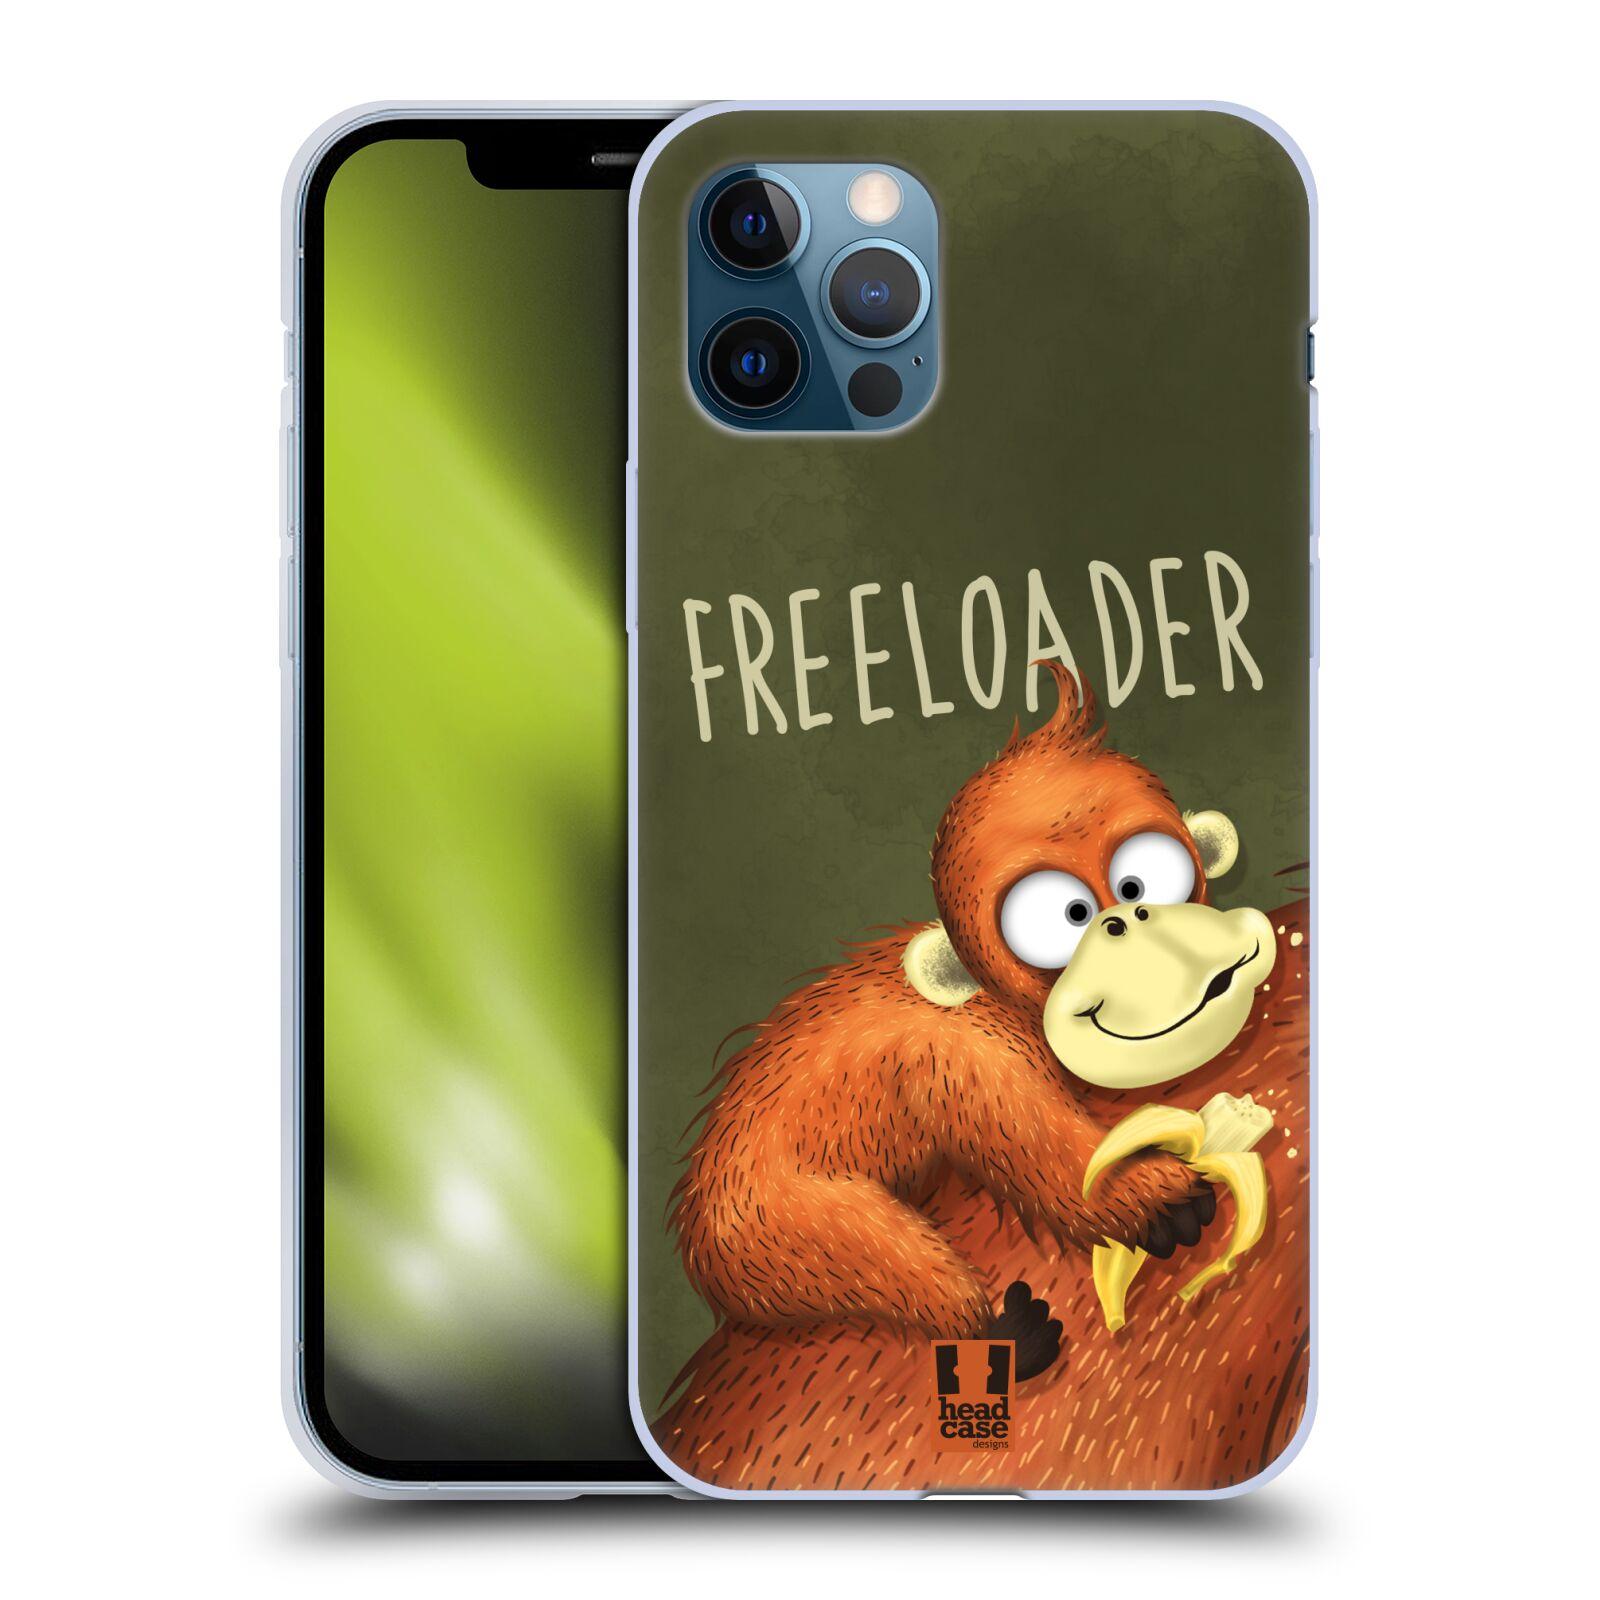 Silikonové pouzdro na mobil Apple iPhone 12 / 12 Pro - Head Case - Opičák Freeloader